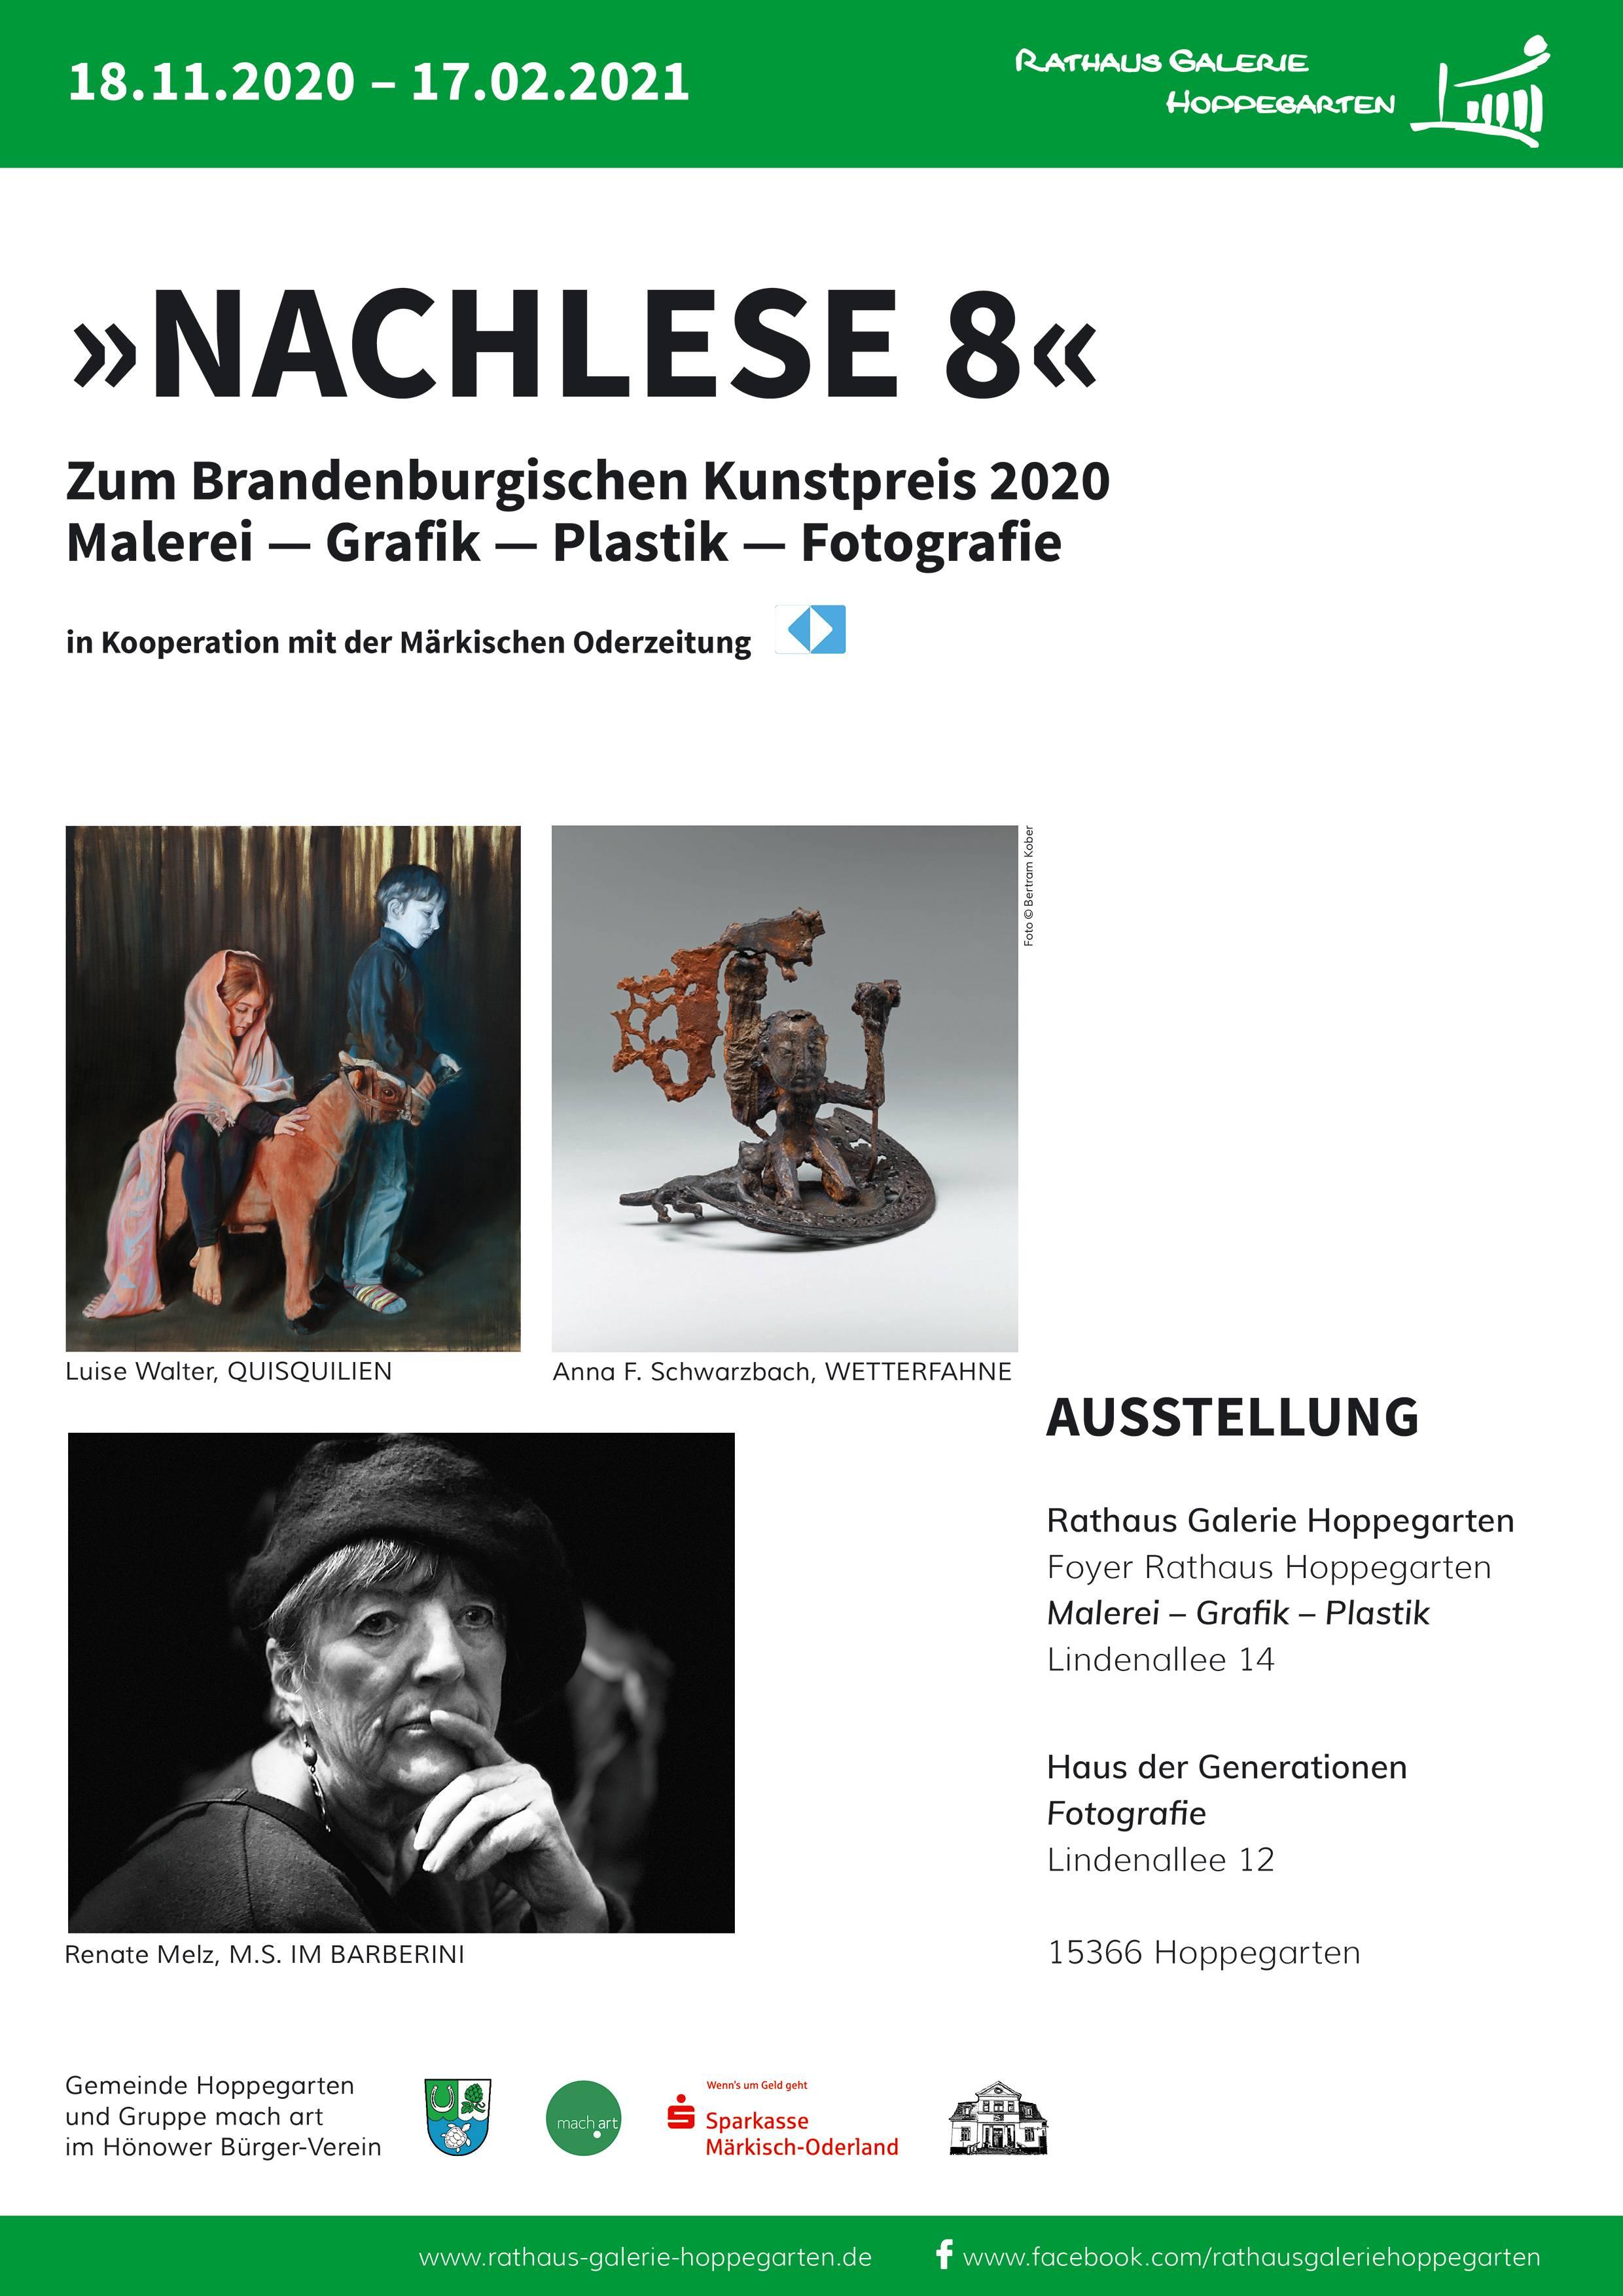 Plakat der Ausstellung: VON DER KUNST DER GEGENSÄTZE ...